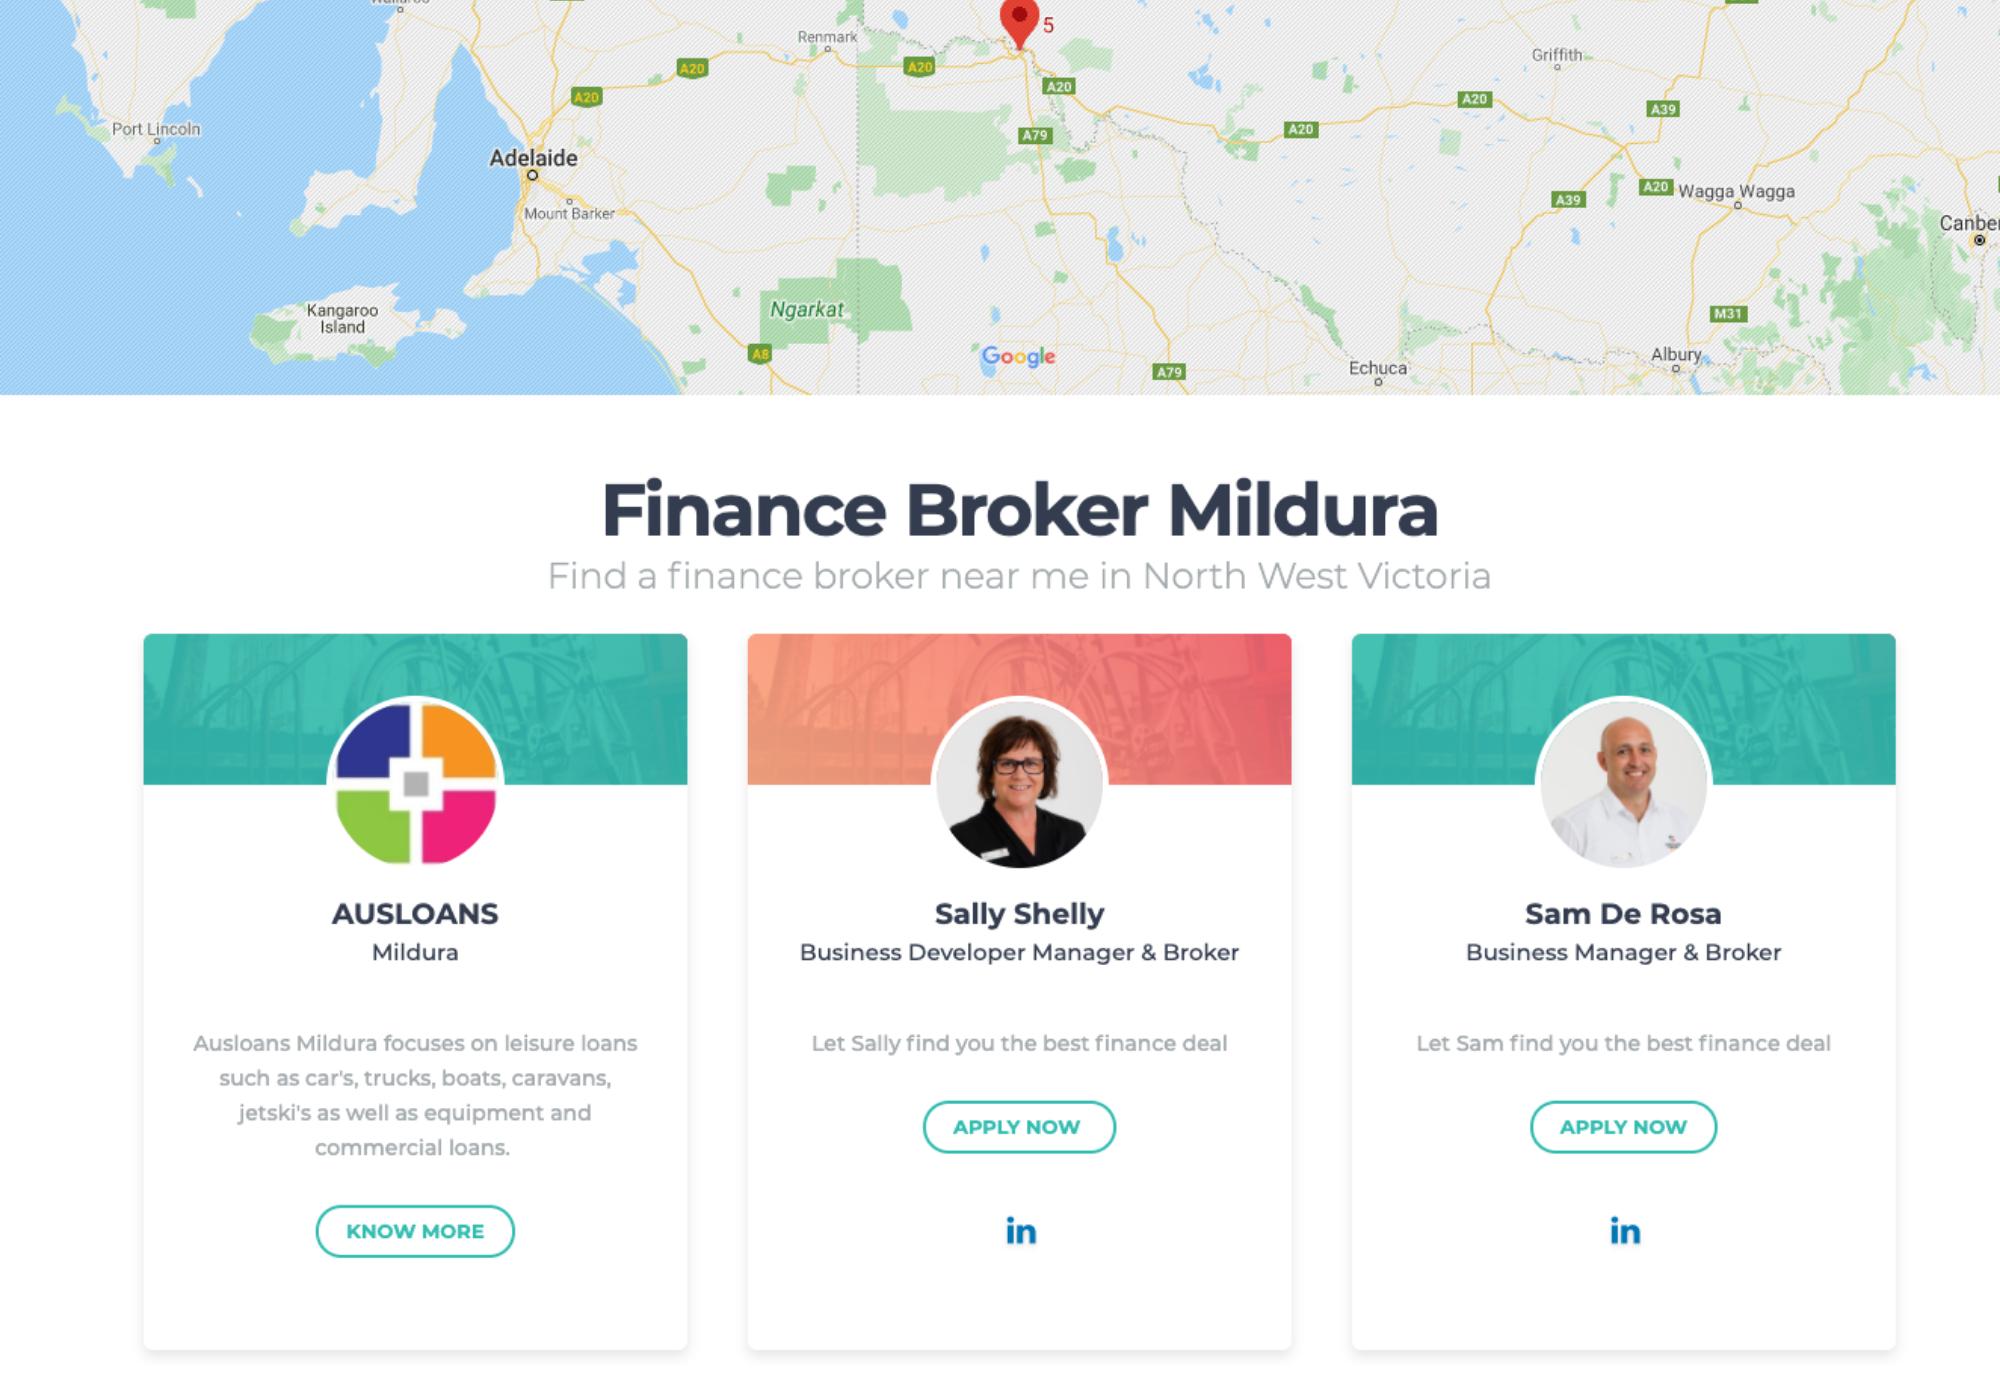 Ausloans marketing support brokers 15